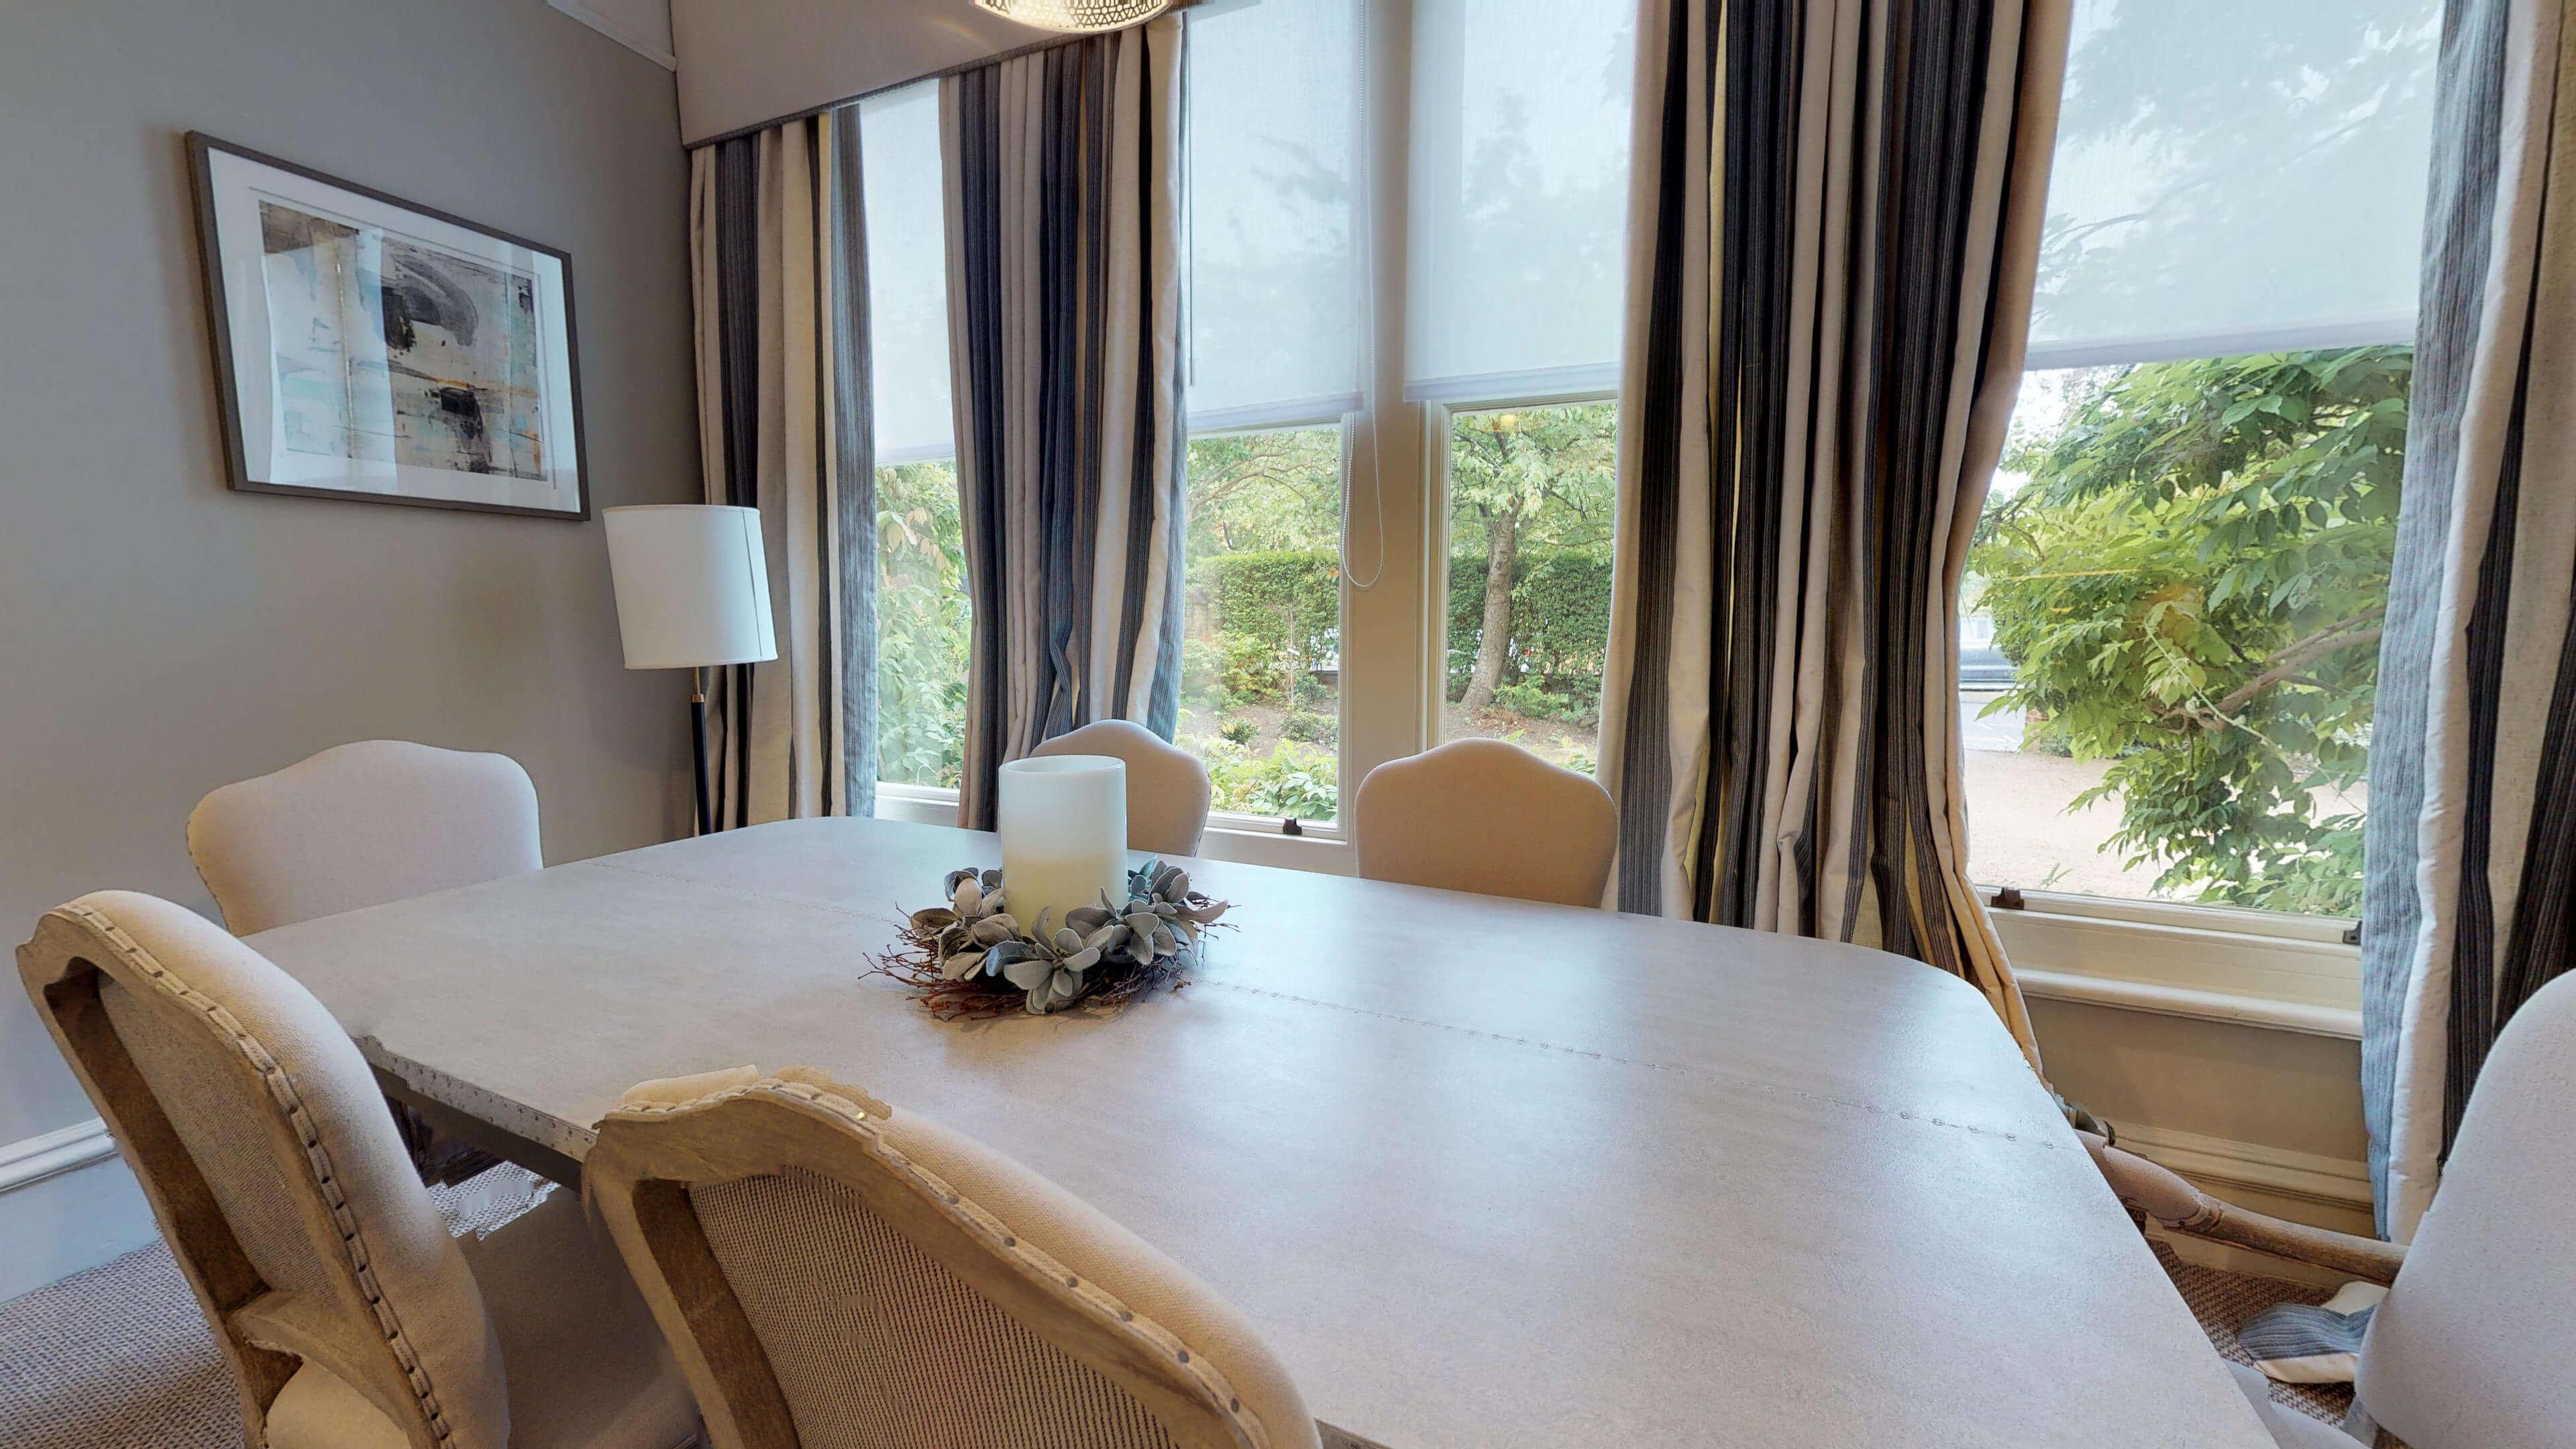 Rawlinson Road Garden Suite 06272019 082408